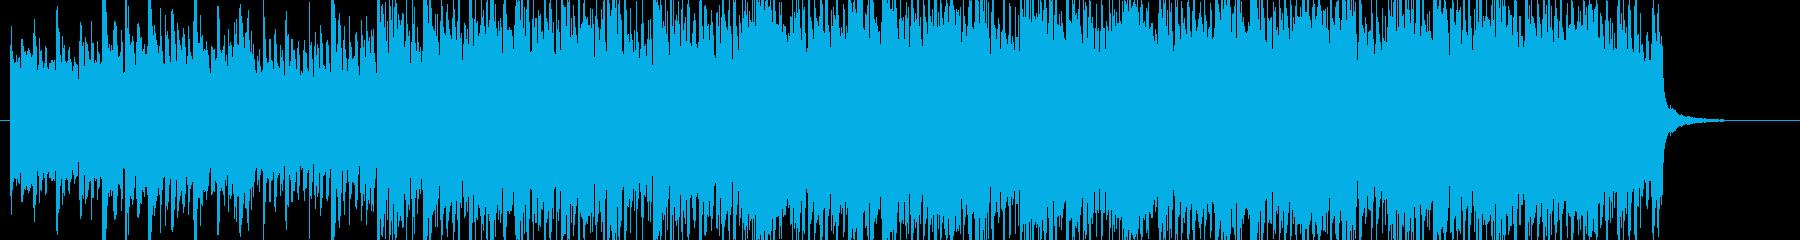 壮大、都会感のあるストリングス曲の再生済みの波形